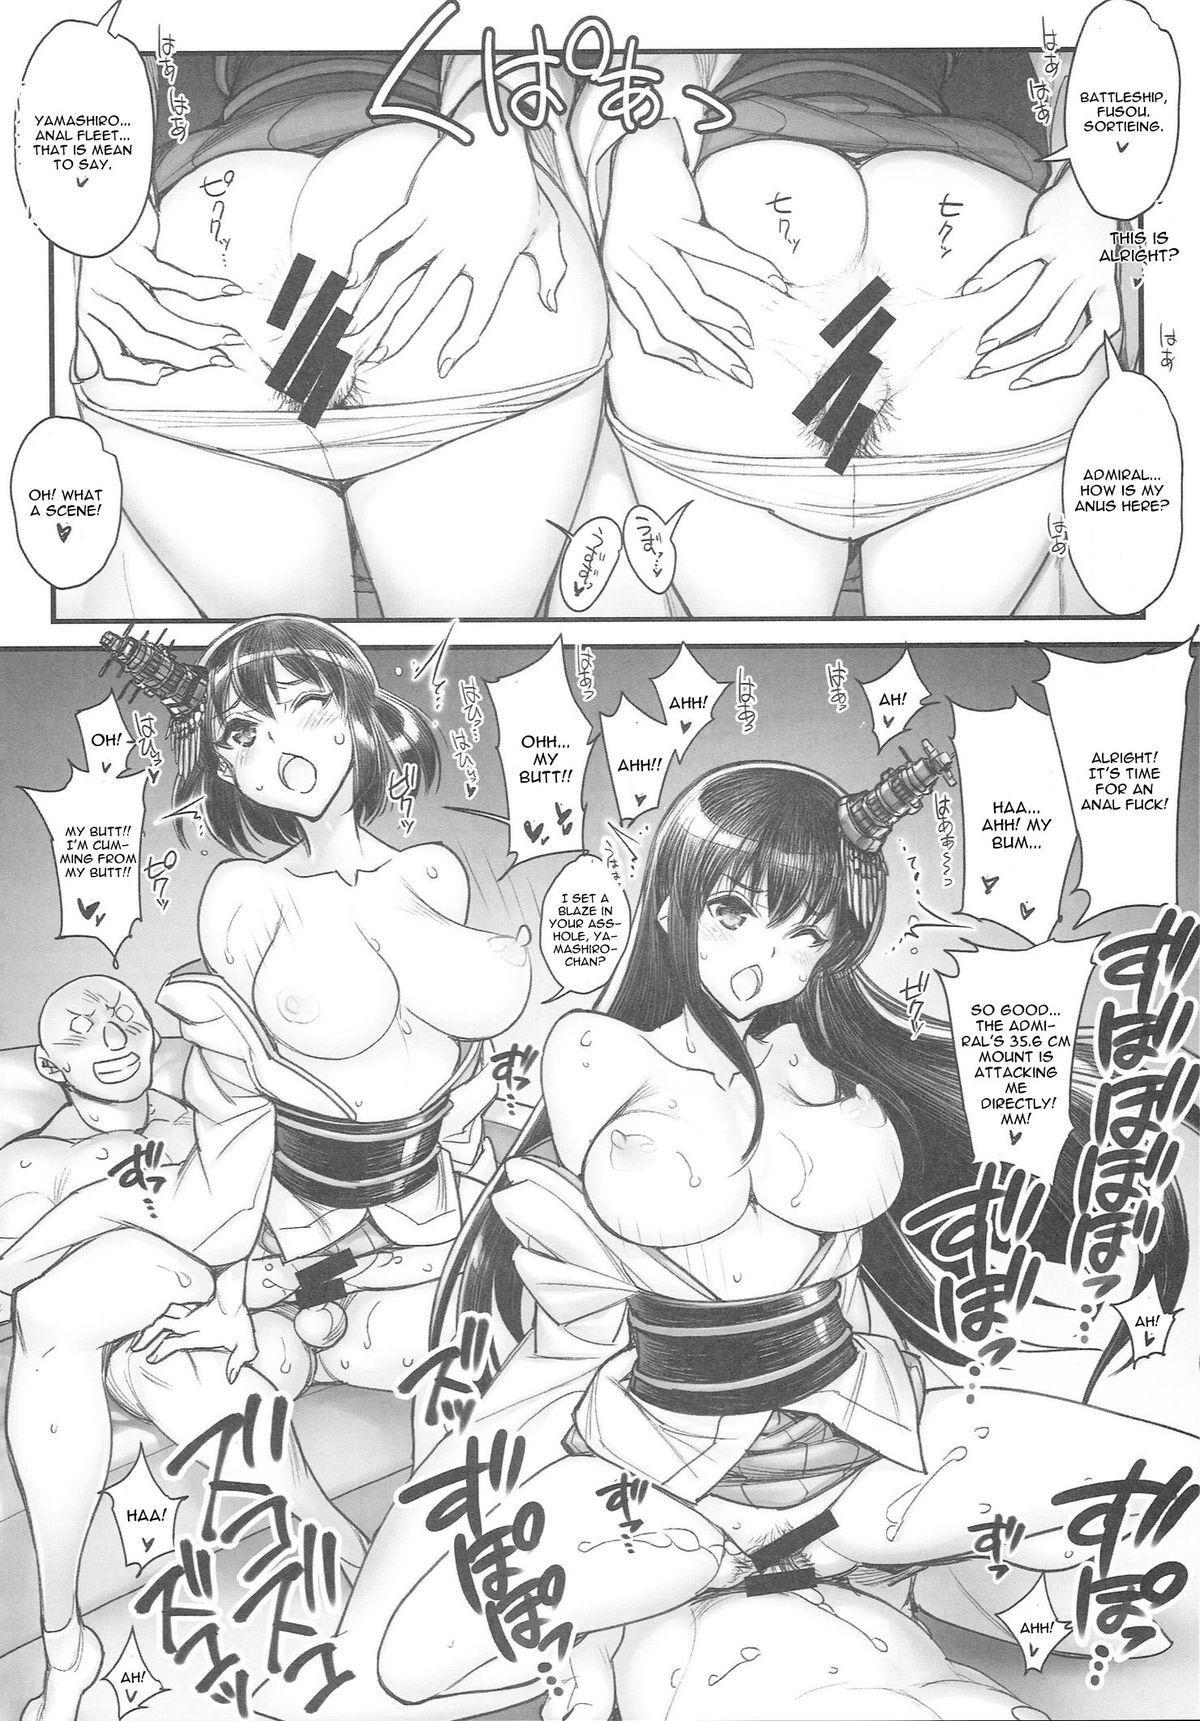 (CT25) [Kashiwa-ya (Hiyo Hiyo)] KanColle -SEX FLEET COLLECTION- Kan-musu Catalog (Kantai Collection -KanColle-) [English] [CGRascal] 56